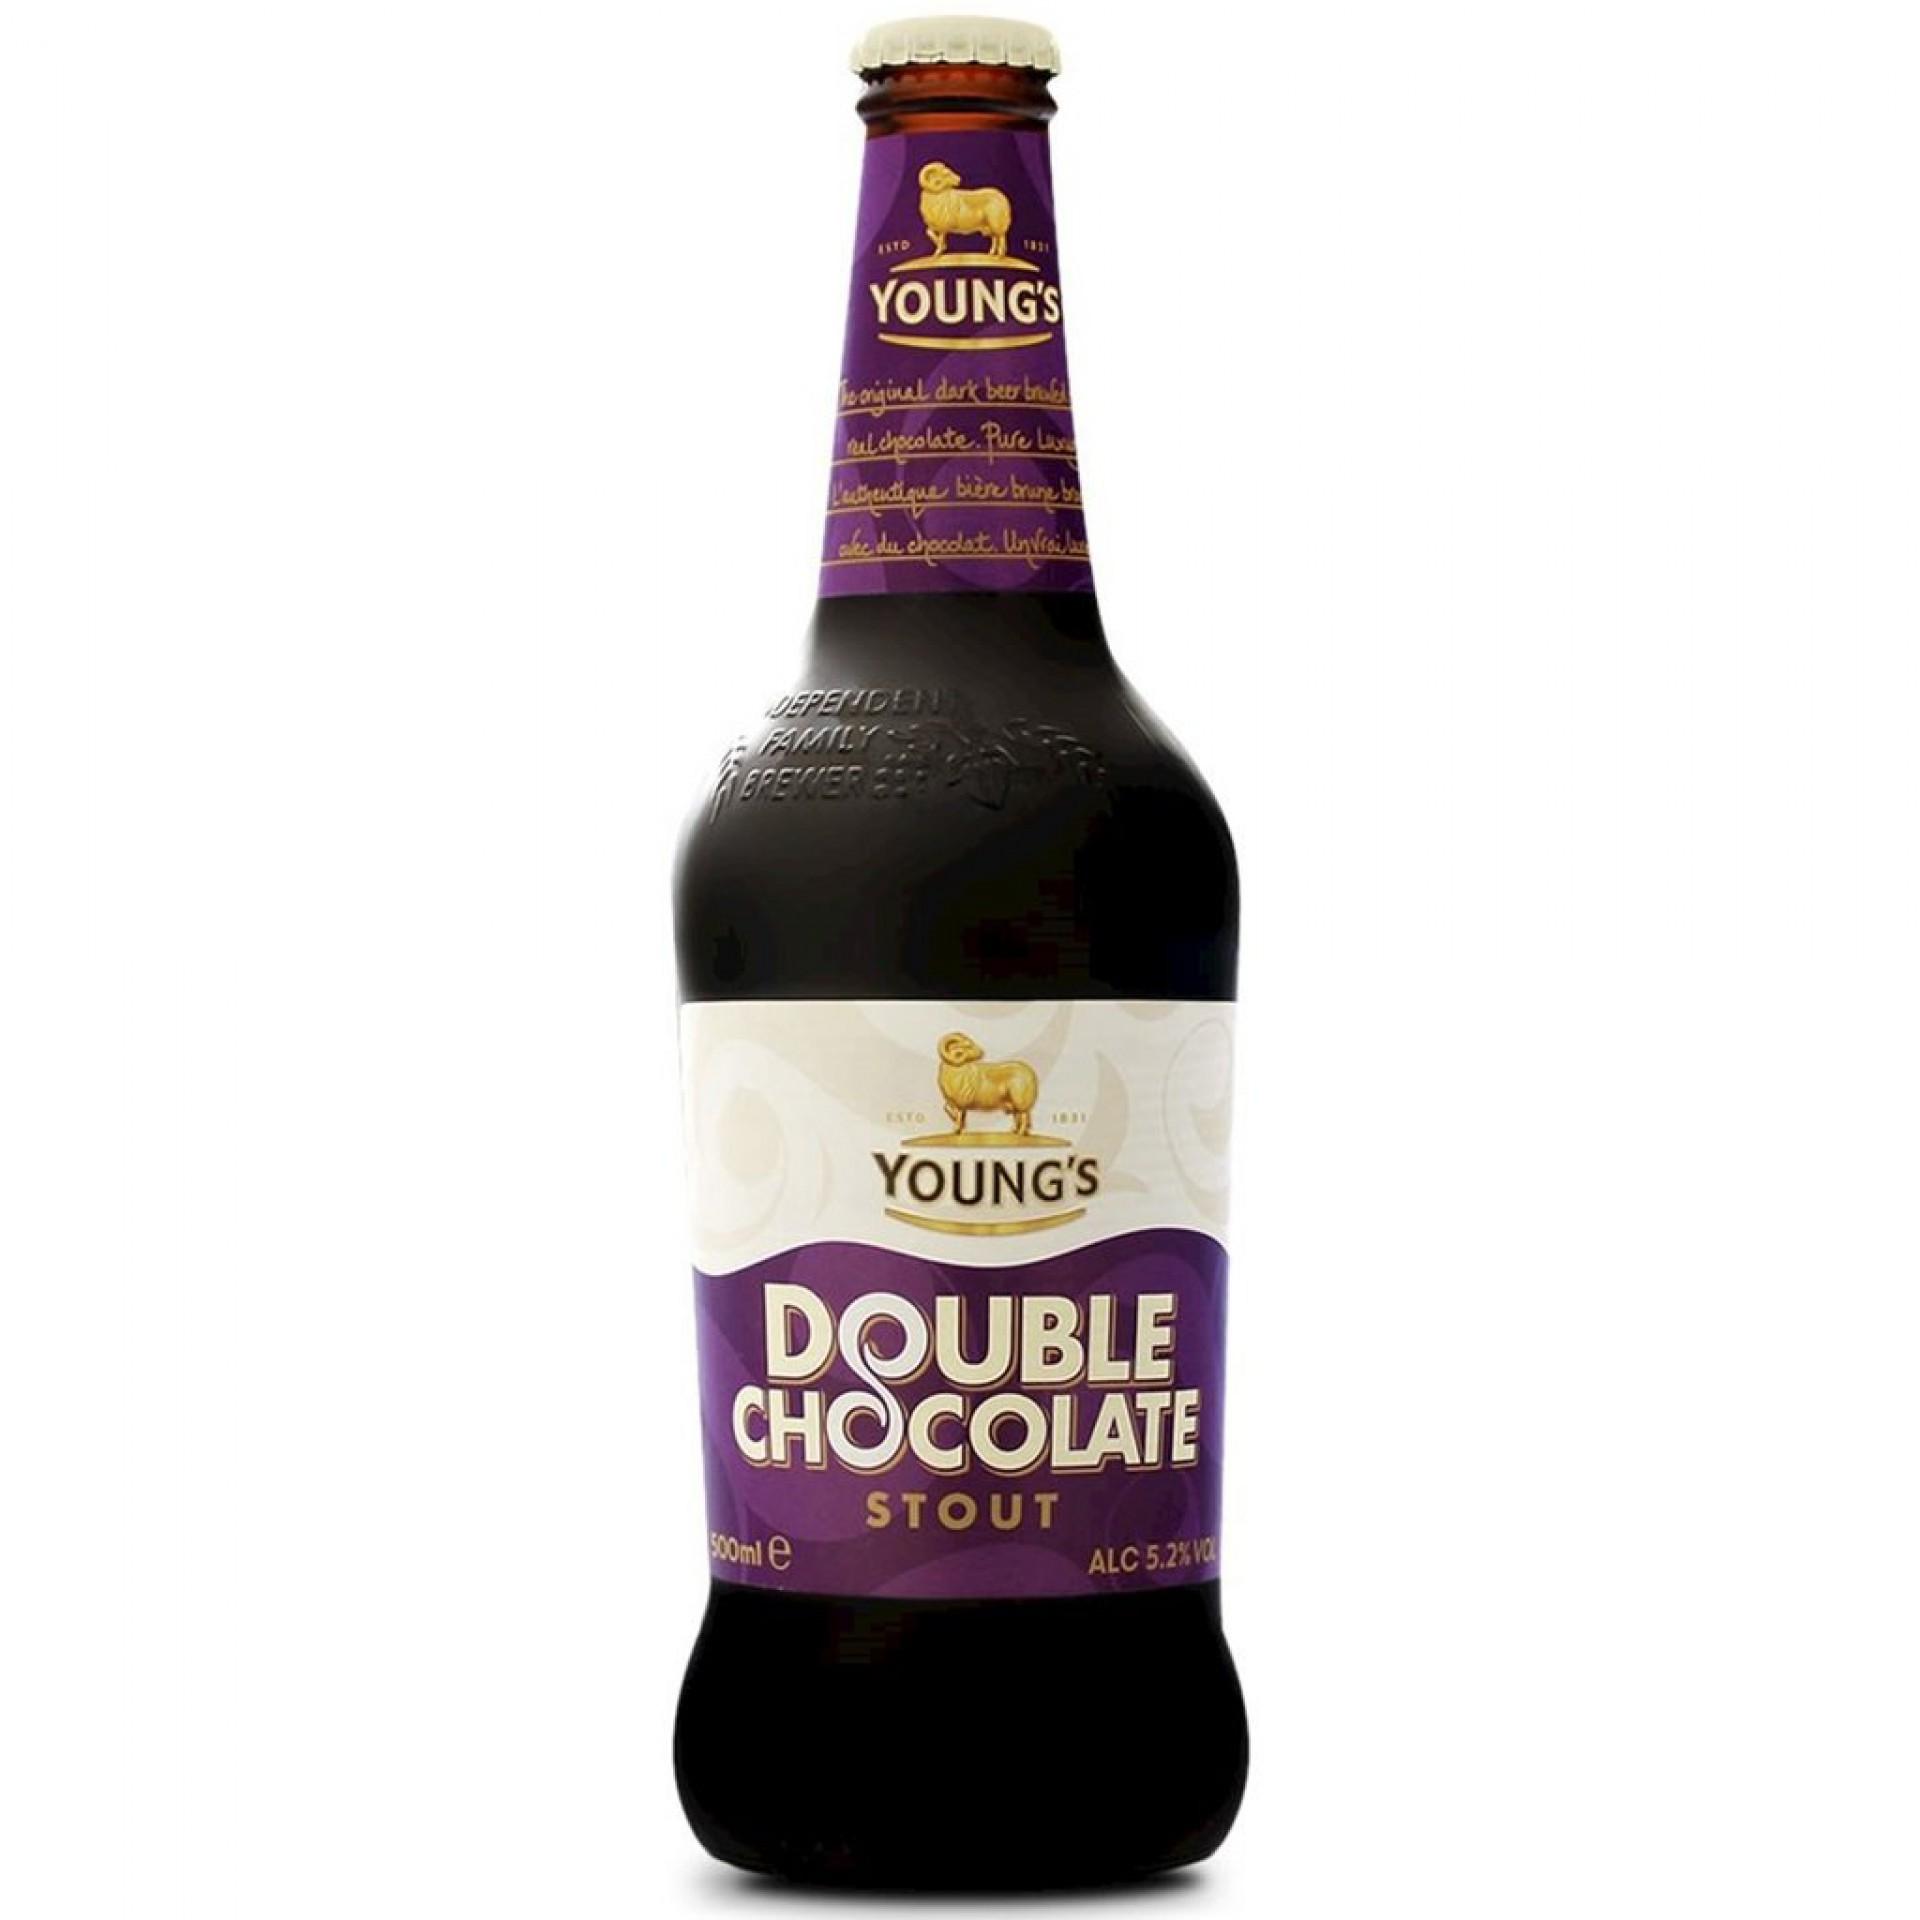 Young's Double Chocolate Stout (Foto: Divulgação )